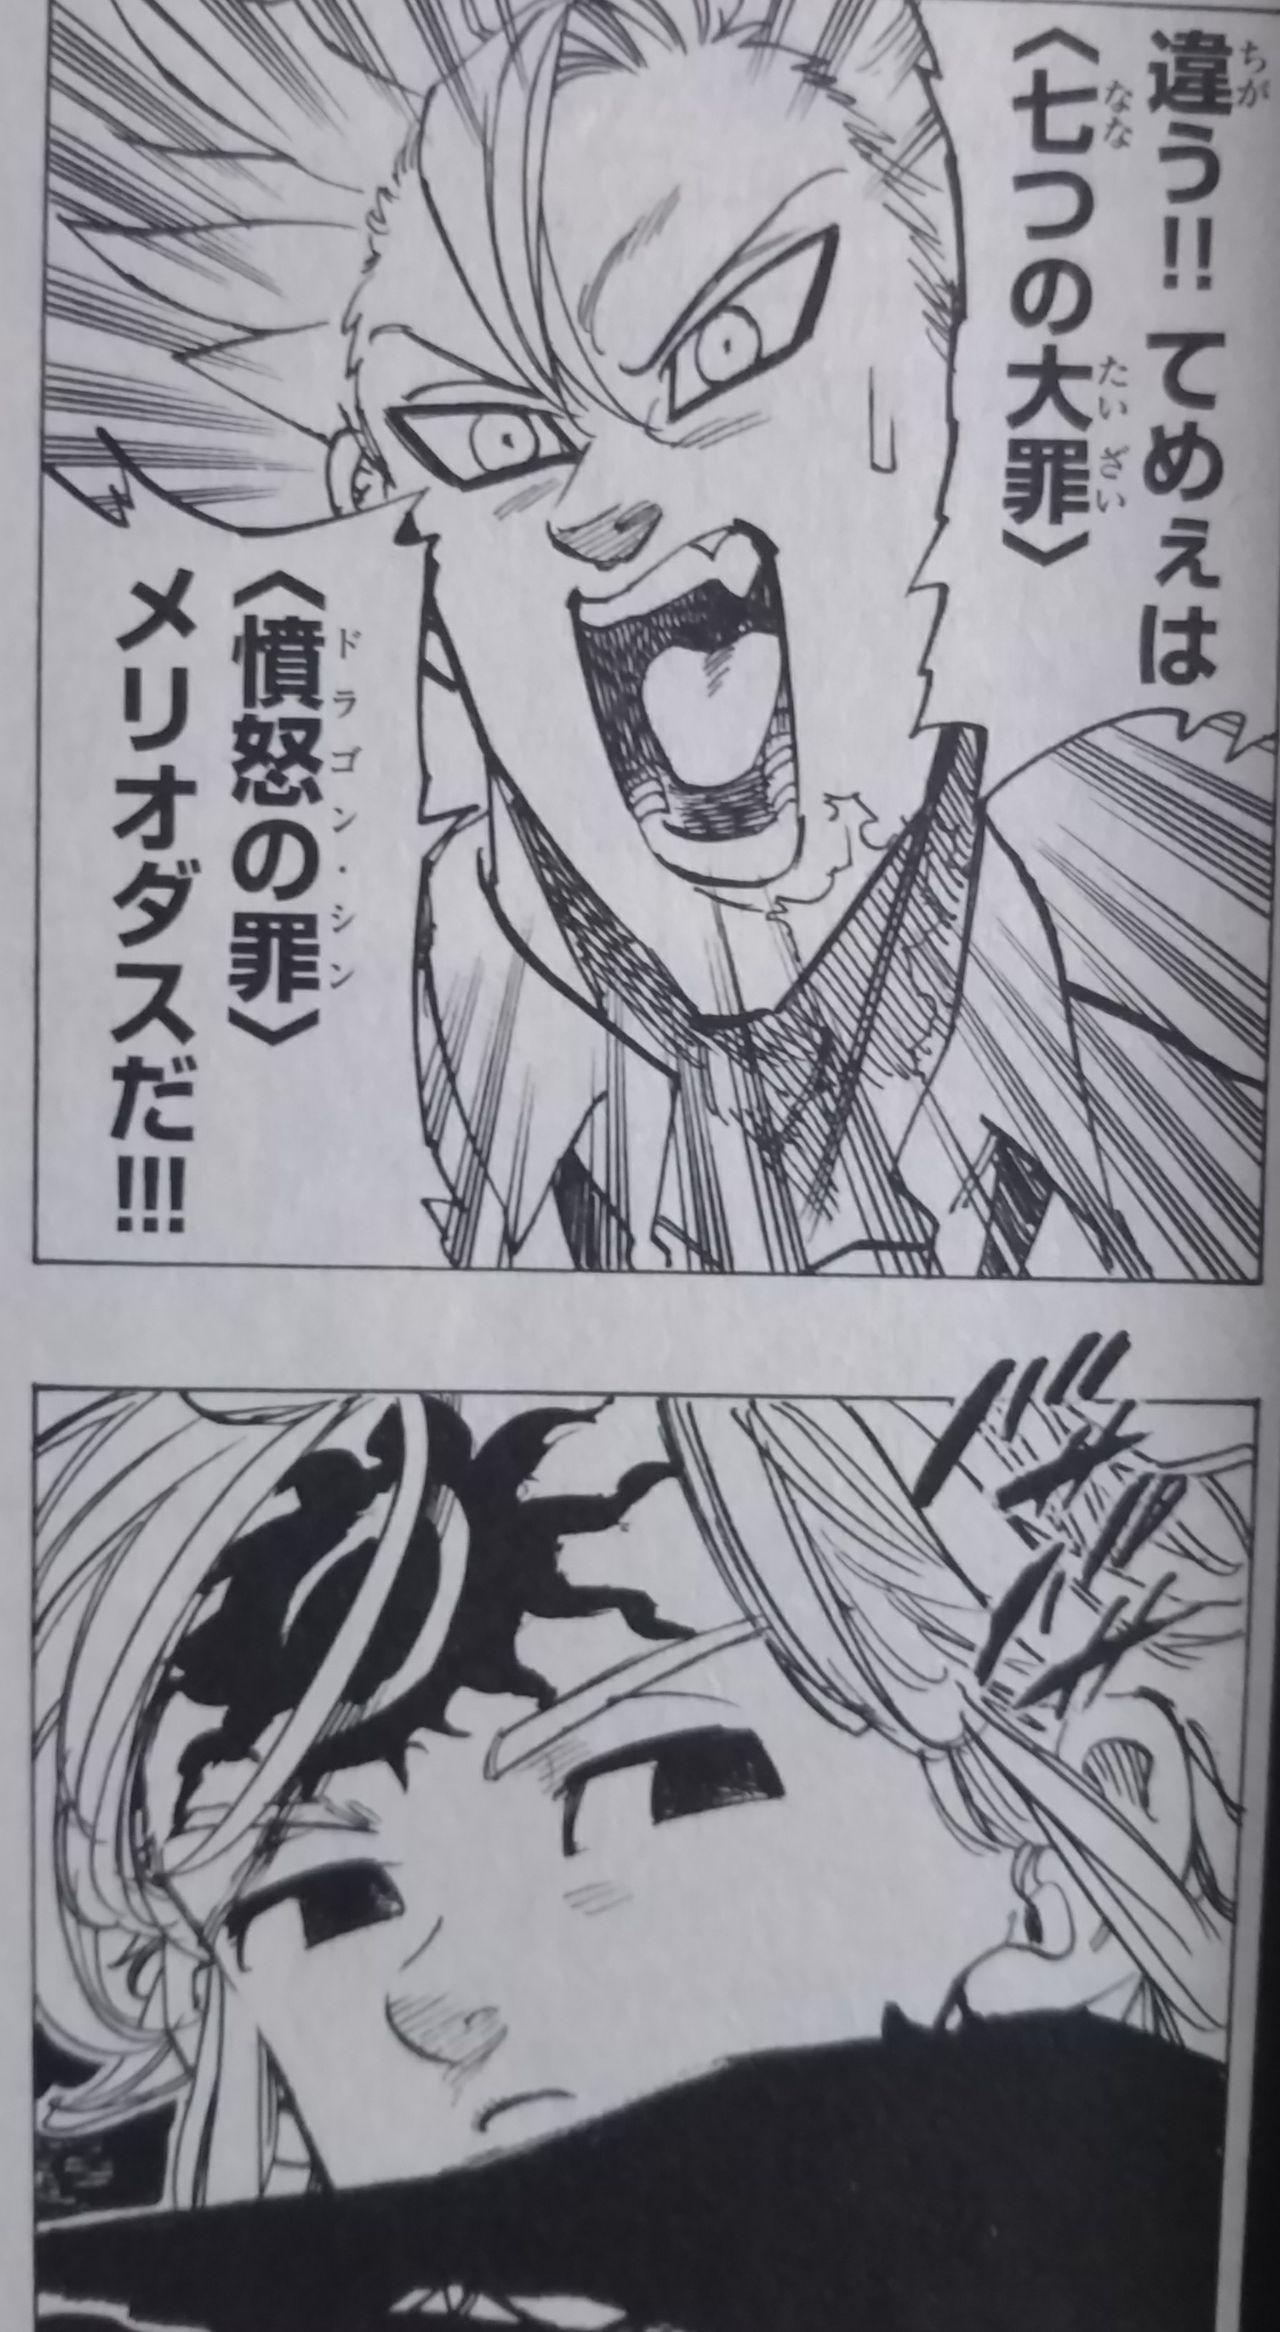 七つの大罪 マンガ